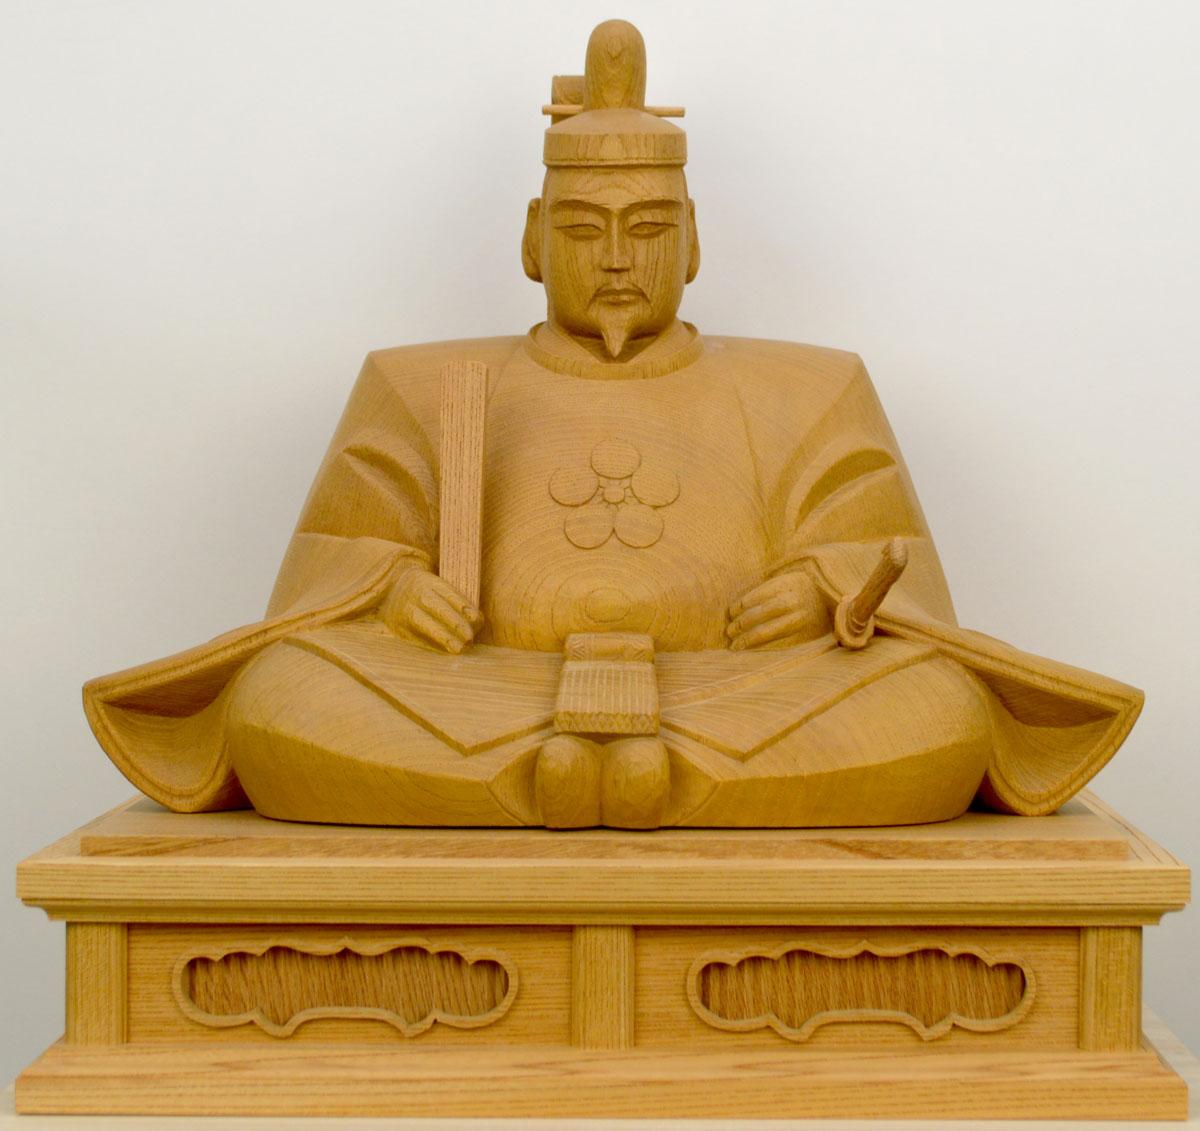 【天神様】井波彫刻『菅原道真公』一尺一寸 欅石井 米児(いしい よねじ)※お道具セット付き